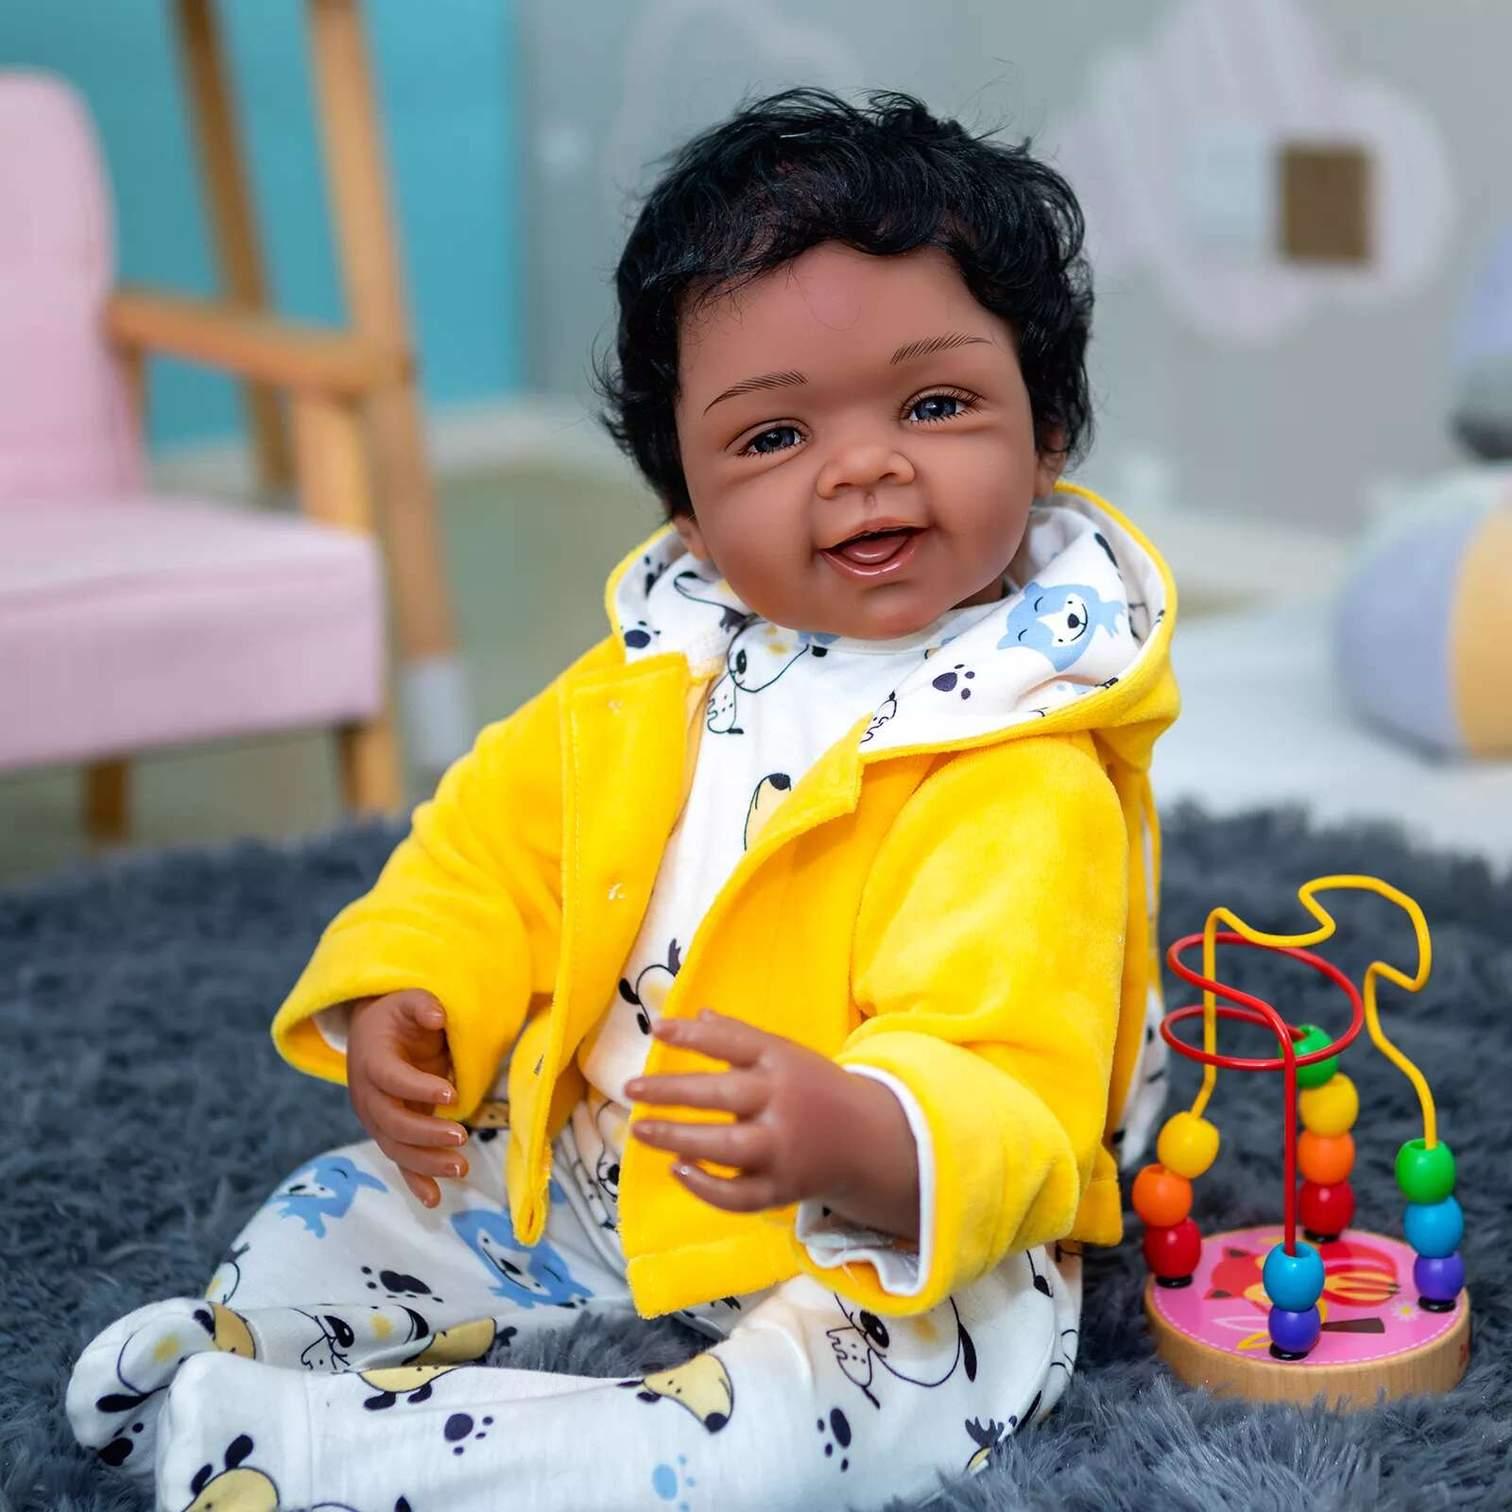 Le poupon reborn Adel a une veste jaune.